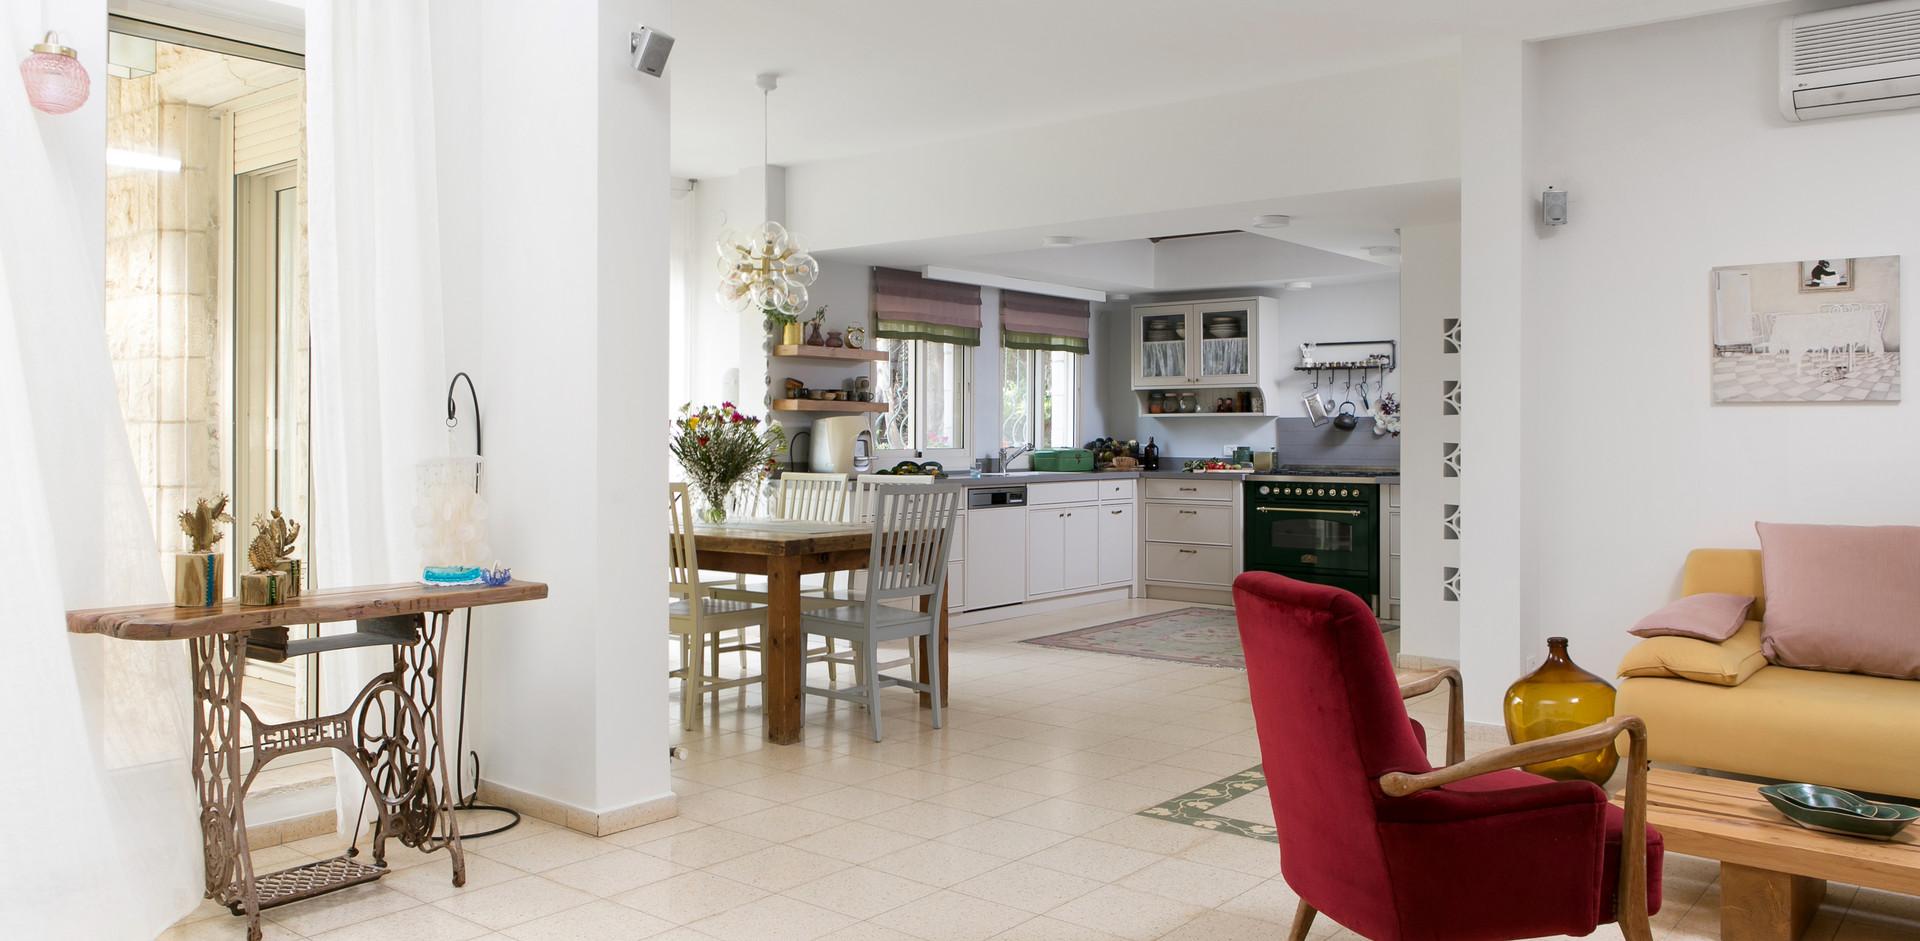 מבט מהסלון לכיוון במטבח ופינת ישיבה נוספת